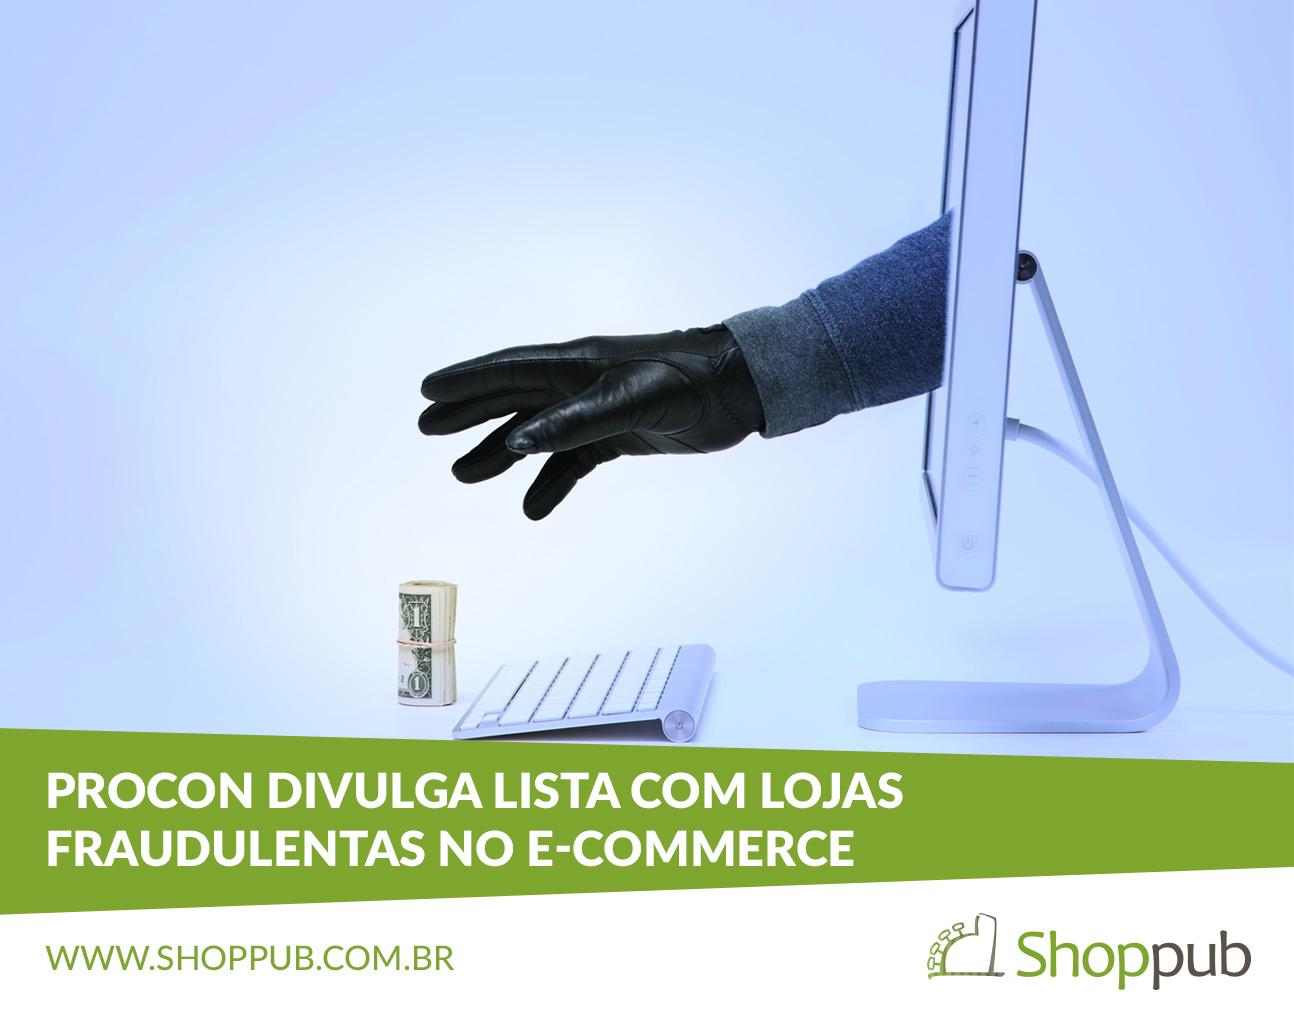 Procon divulga lista com lojas fraudulentas no e-commerce